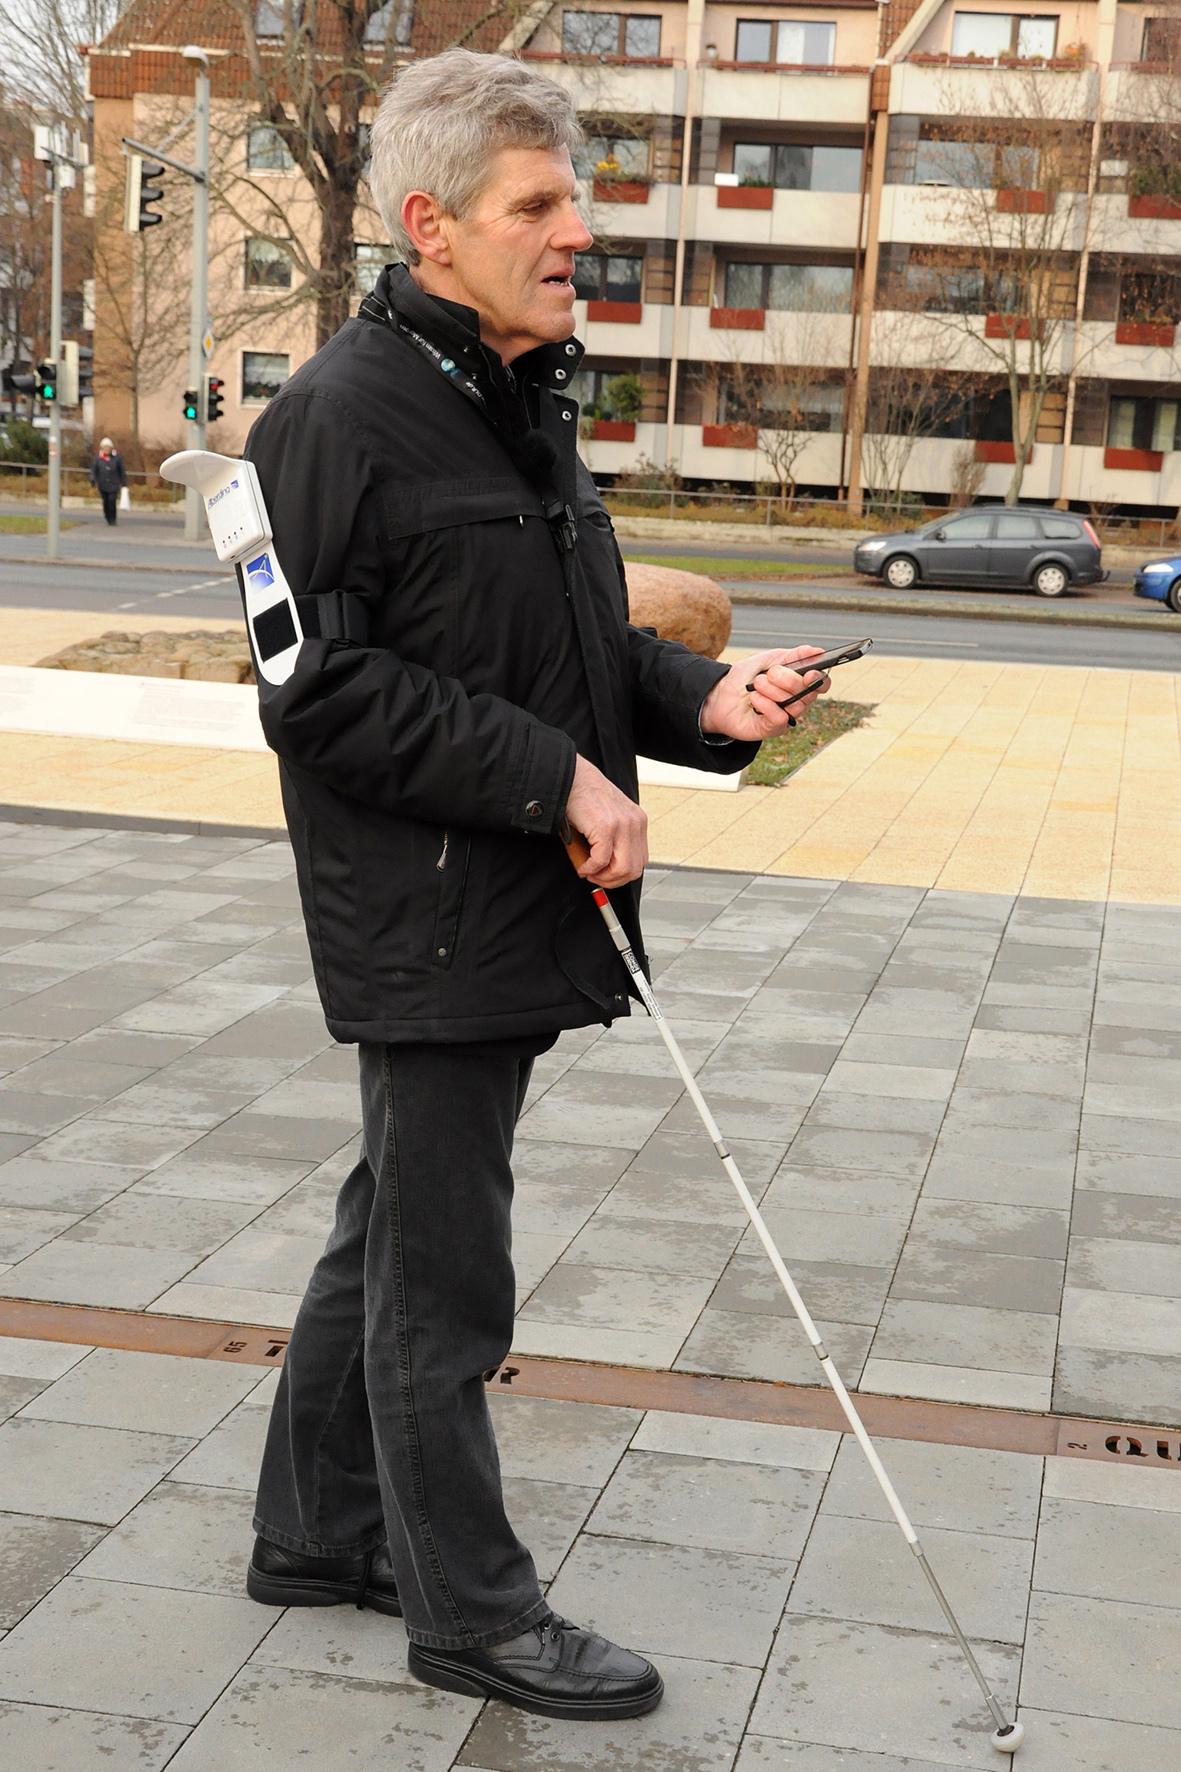 """mid Düsseldorf - Menschen mit Behinderung benötigen spezielle bauliche Vorkehrungen, um mobil sein zu können. Diese """"Barrierefreiheit"""" müssen Städteplaner und Architekten künftig noch stärker berücksichtigen."""